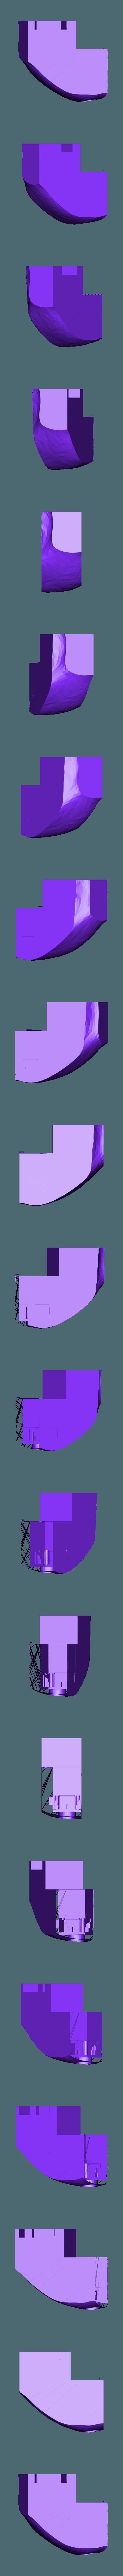 GADGETS torso pt6.stl Download free STL file GADGET the robotic Gremlin • 3D printing object, atarka3